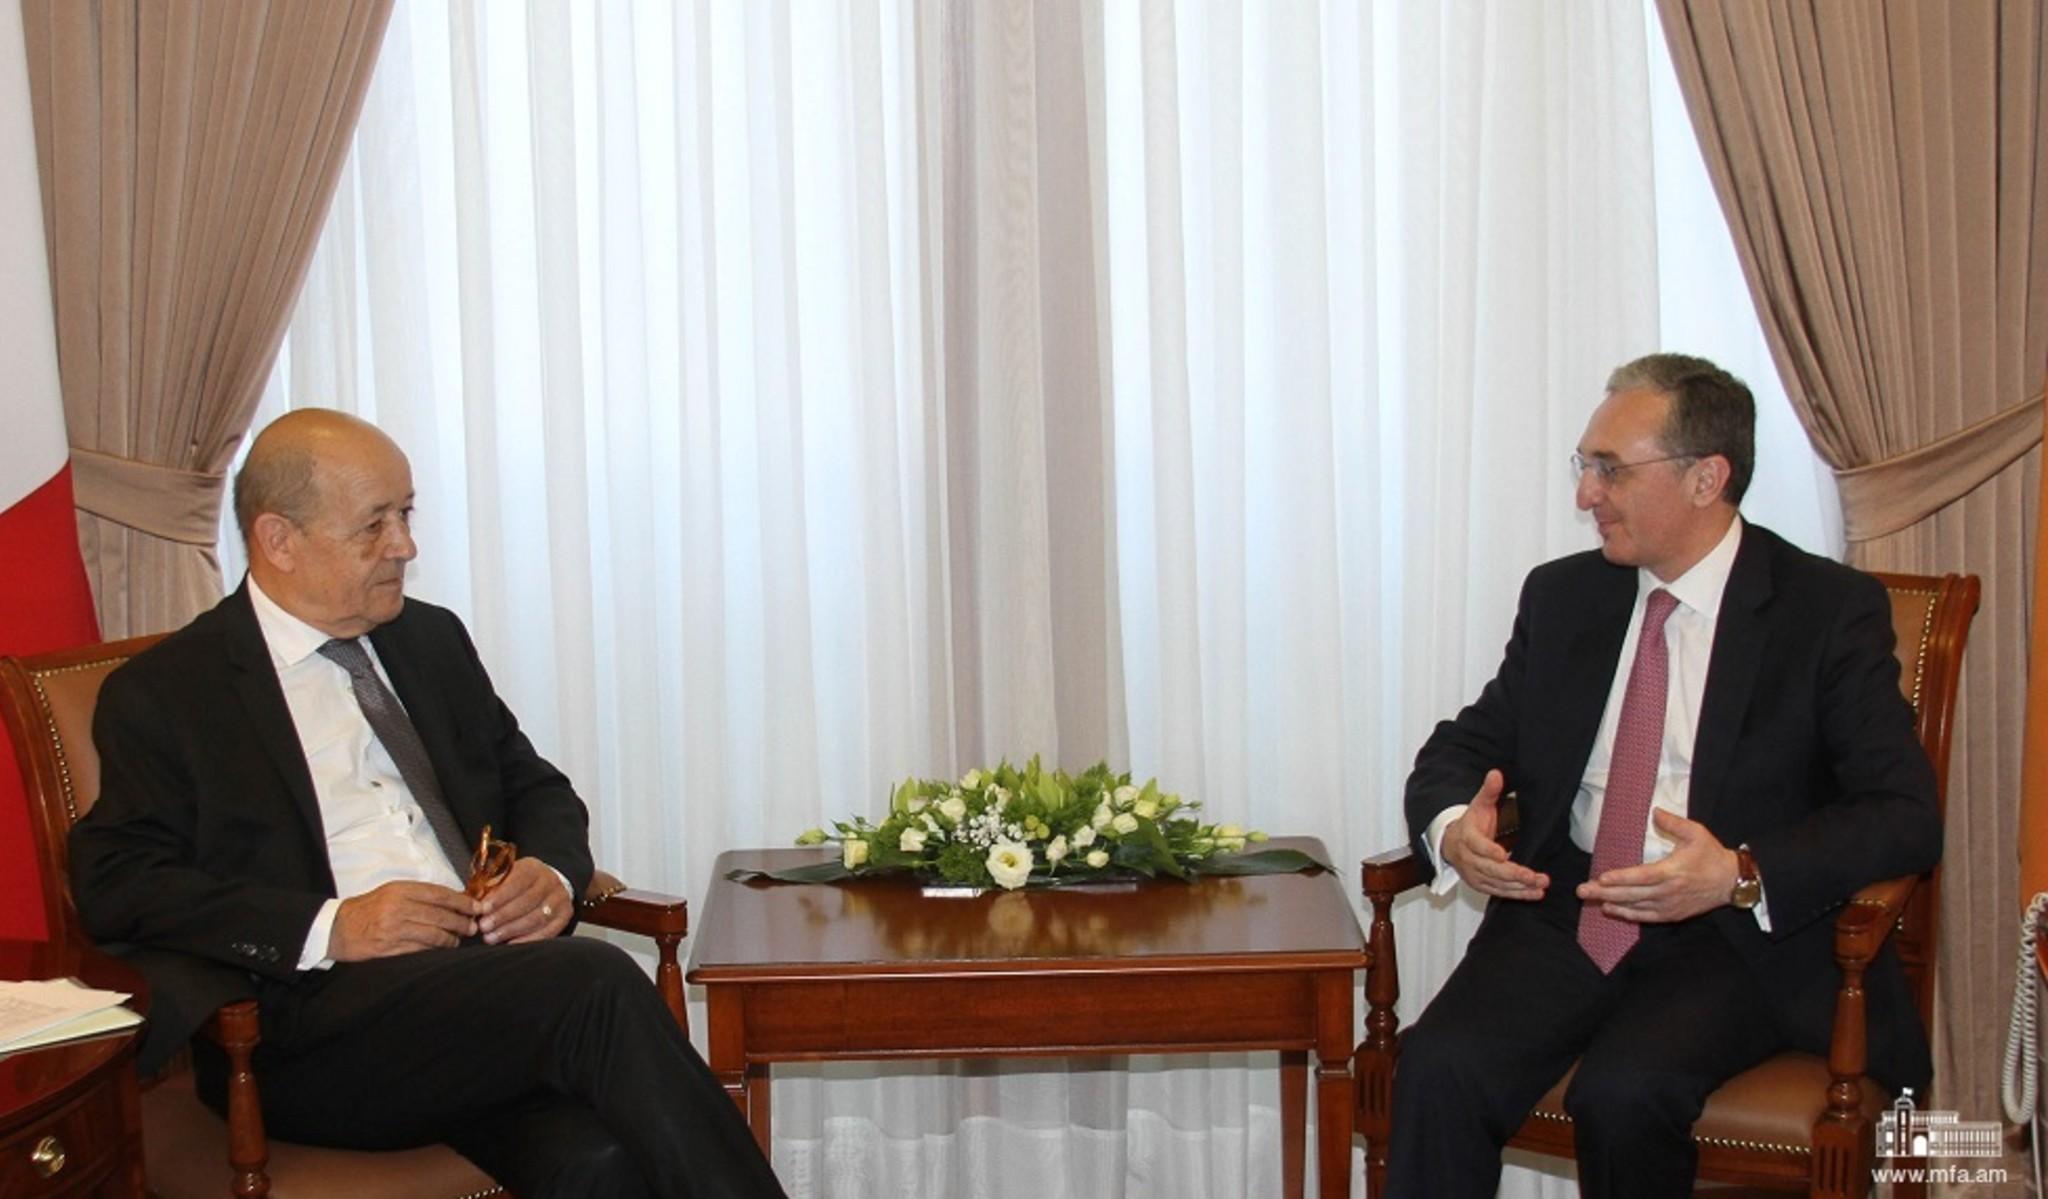 Զոհրաբ Մնացականյանը հեռախոսազրույց է ունեցել Ֆրանսիայի ԱԳ նախարար Ժան Իվ Լը Դրիանի հետ